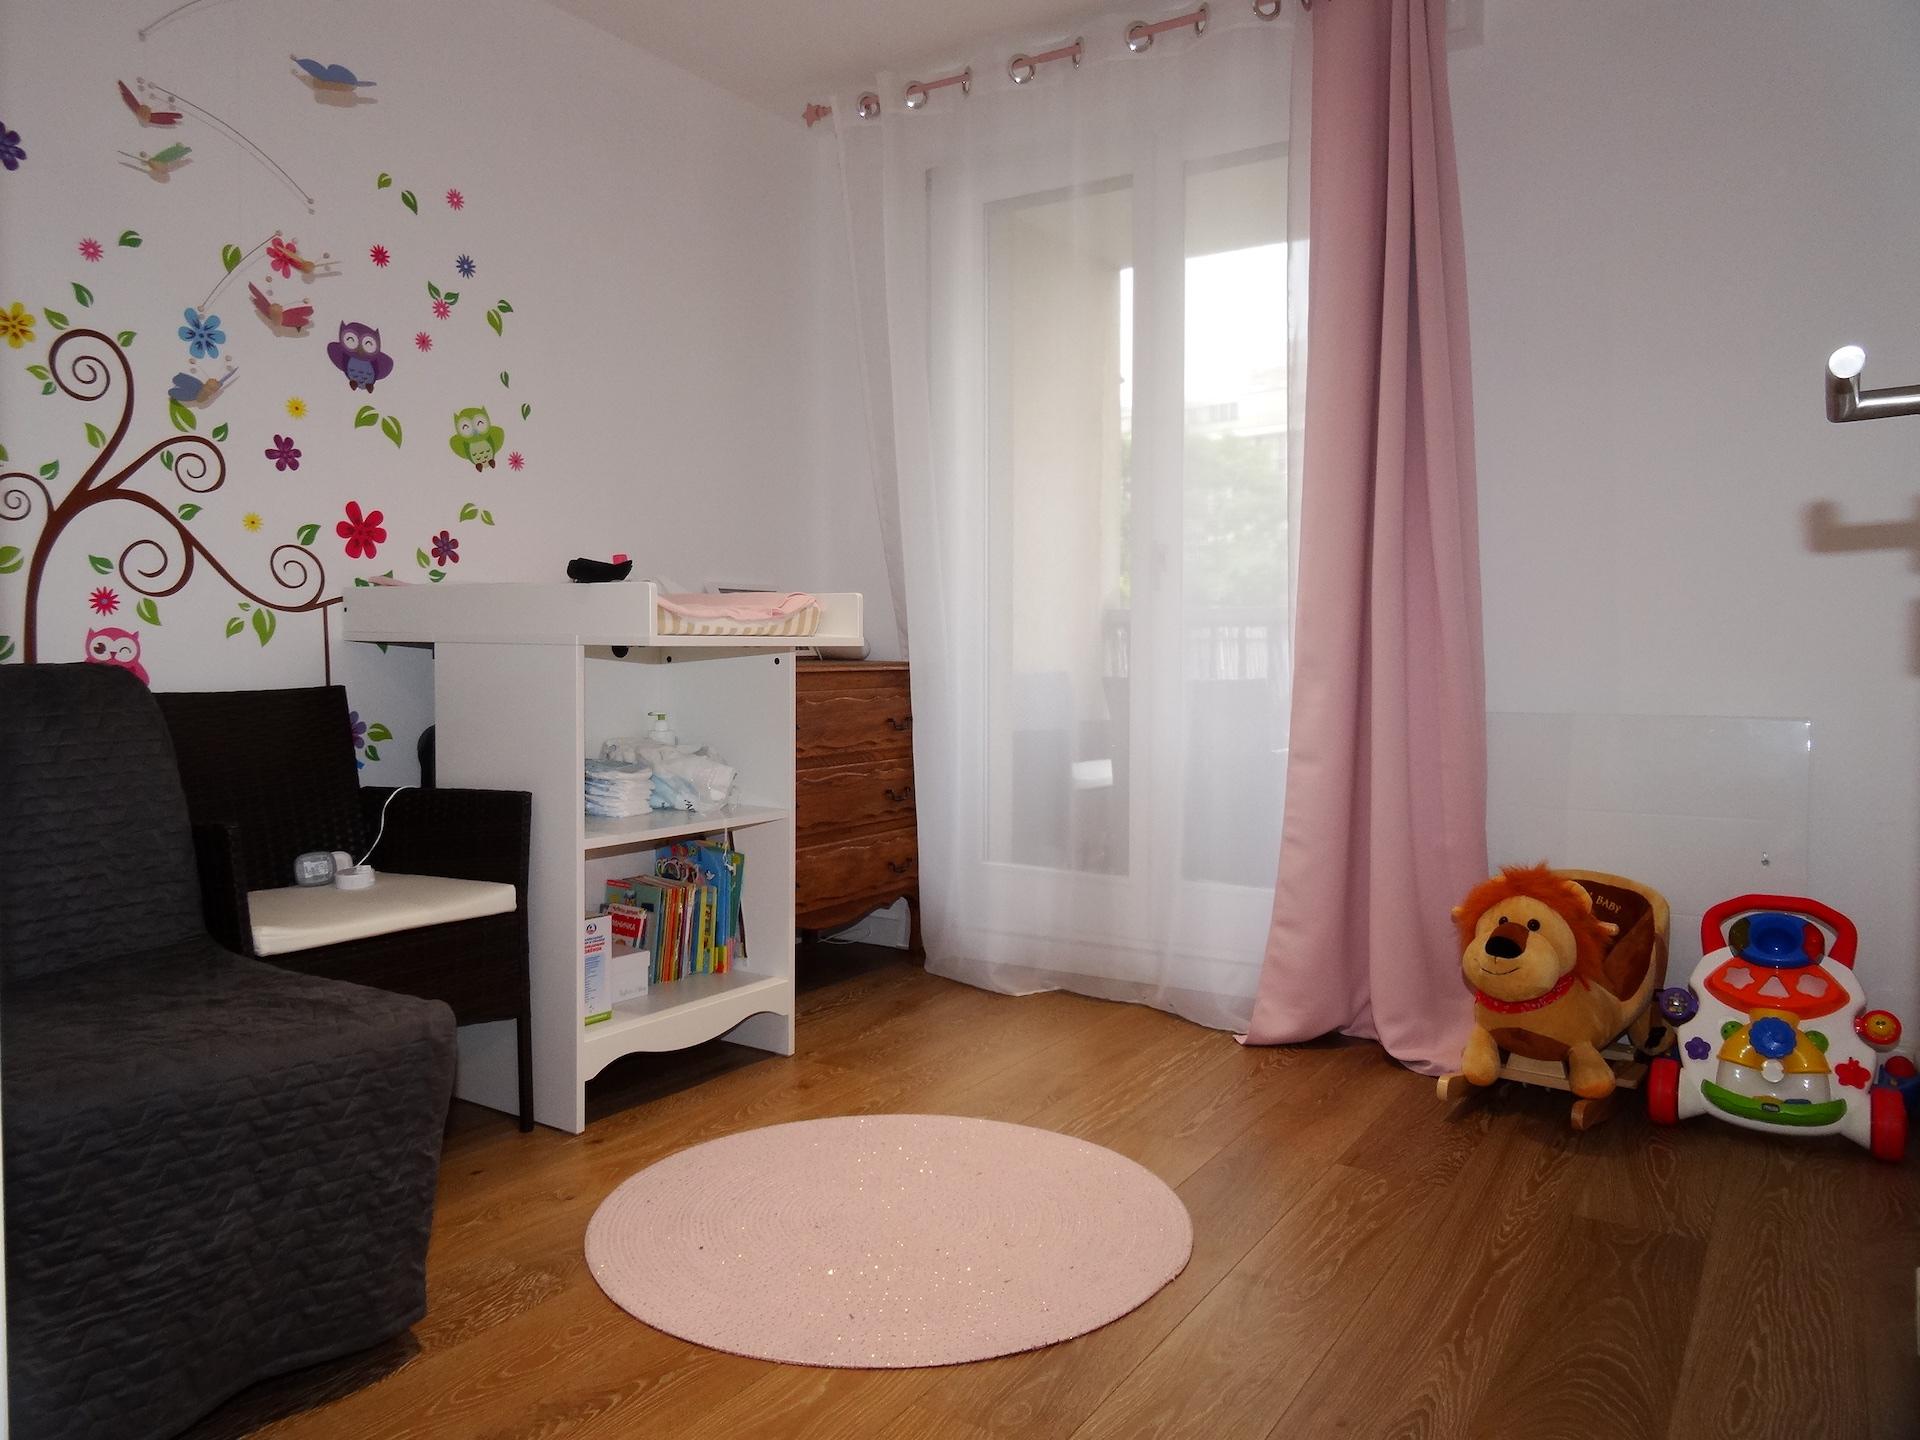 vente-appartement-3-pieces-boulogne-la-clef-des-villes-agence-immobiliere-chambre-enfant